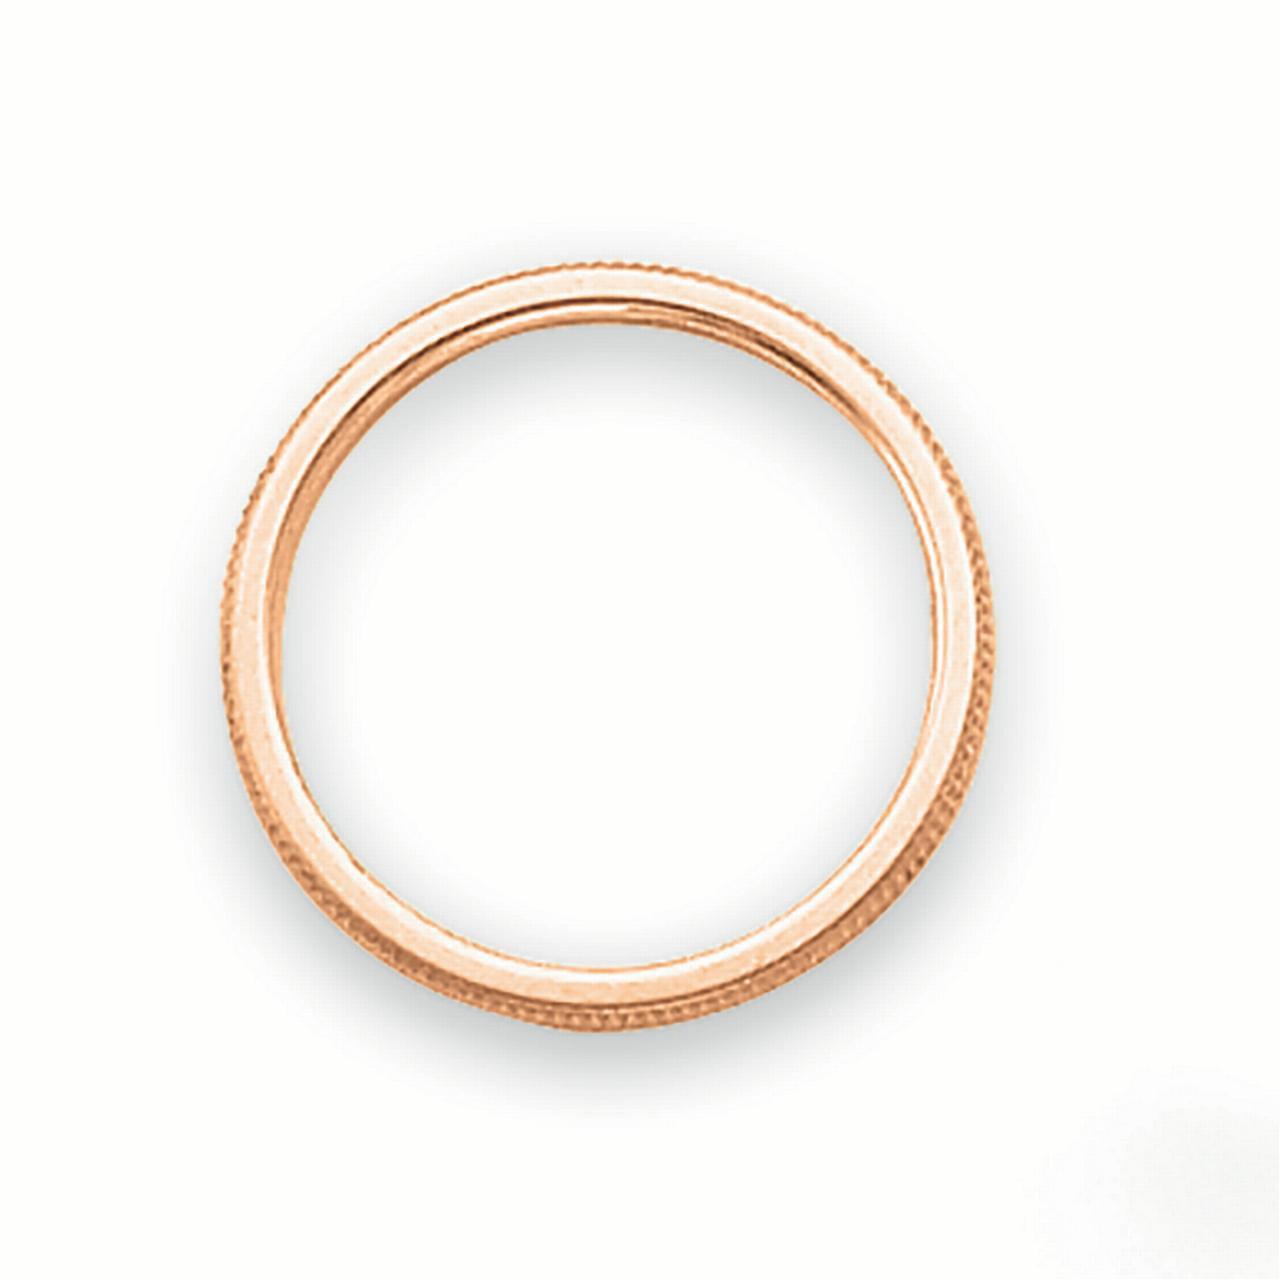 Lex /& Lu 14k Rose Gold Rose-Gold 1.5mm Milgrain Band Ring